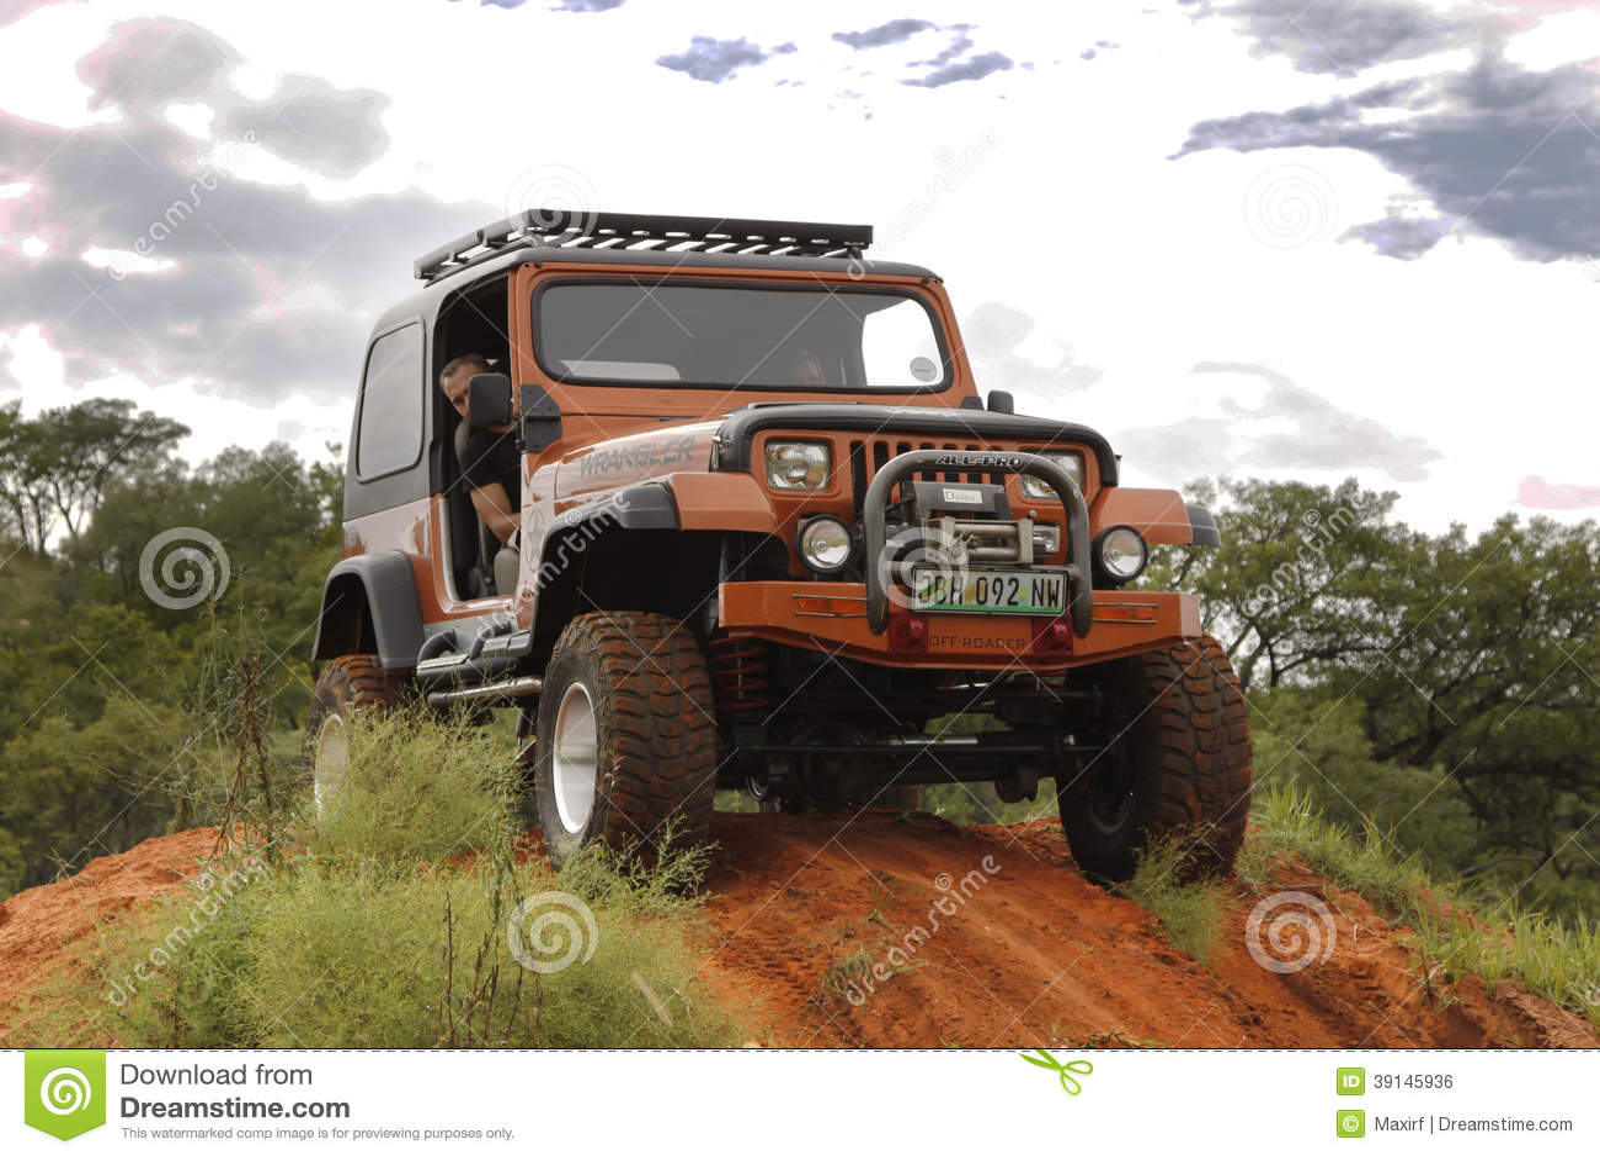 Verbrijzeling Beige Jeep Wrangler Off-Roader V8